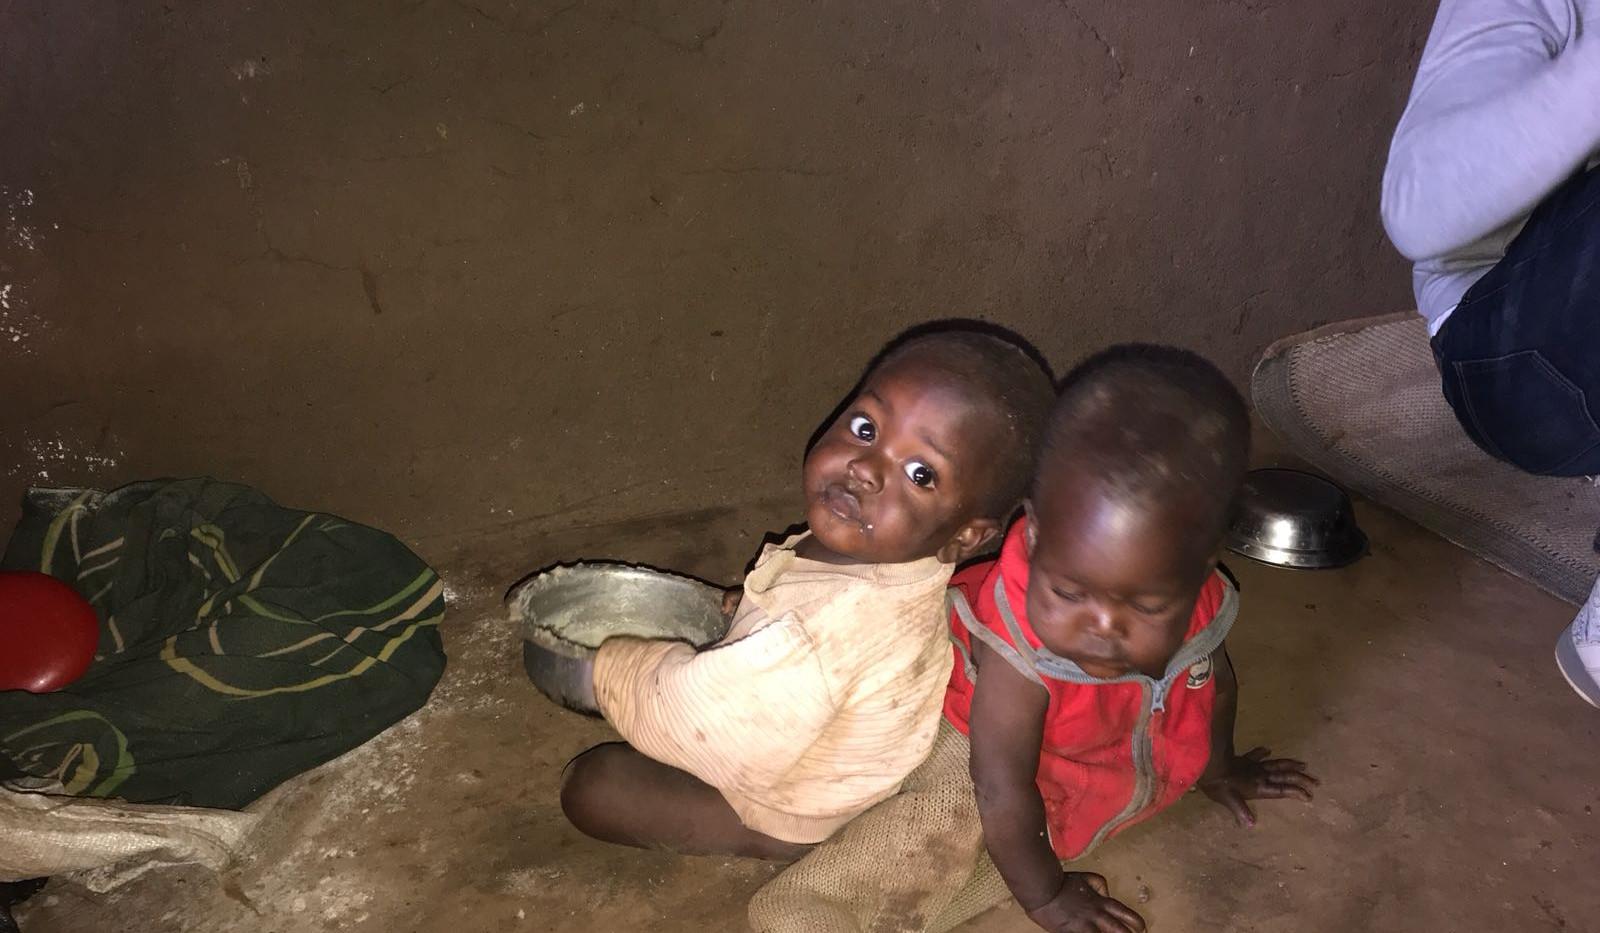 nacao-ubuntu-campo-refugiados-africa2.jp